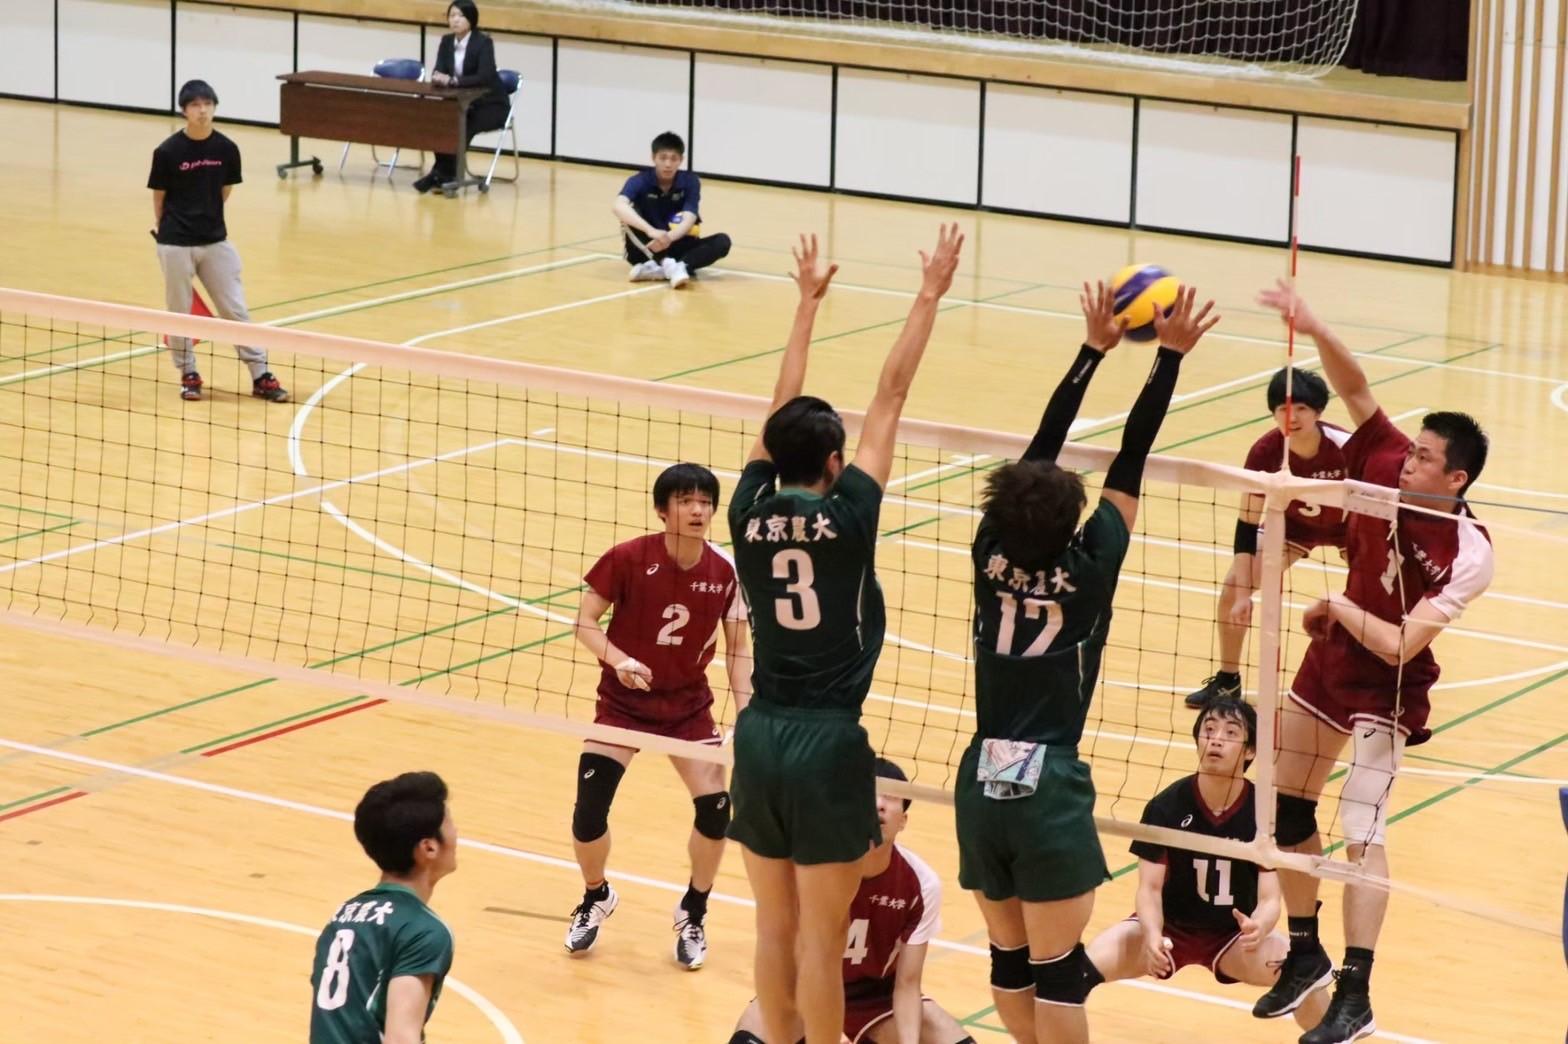 バレーボール部 | 東京農業大学